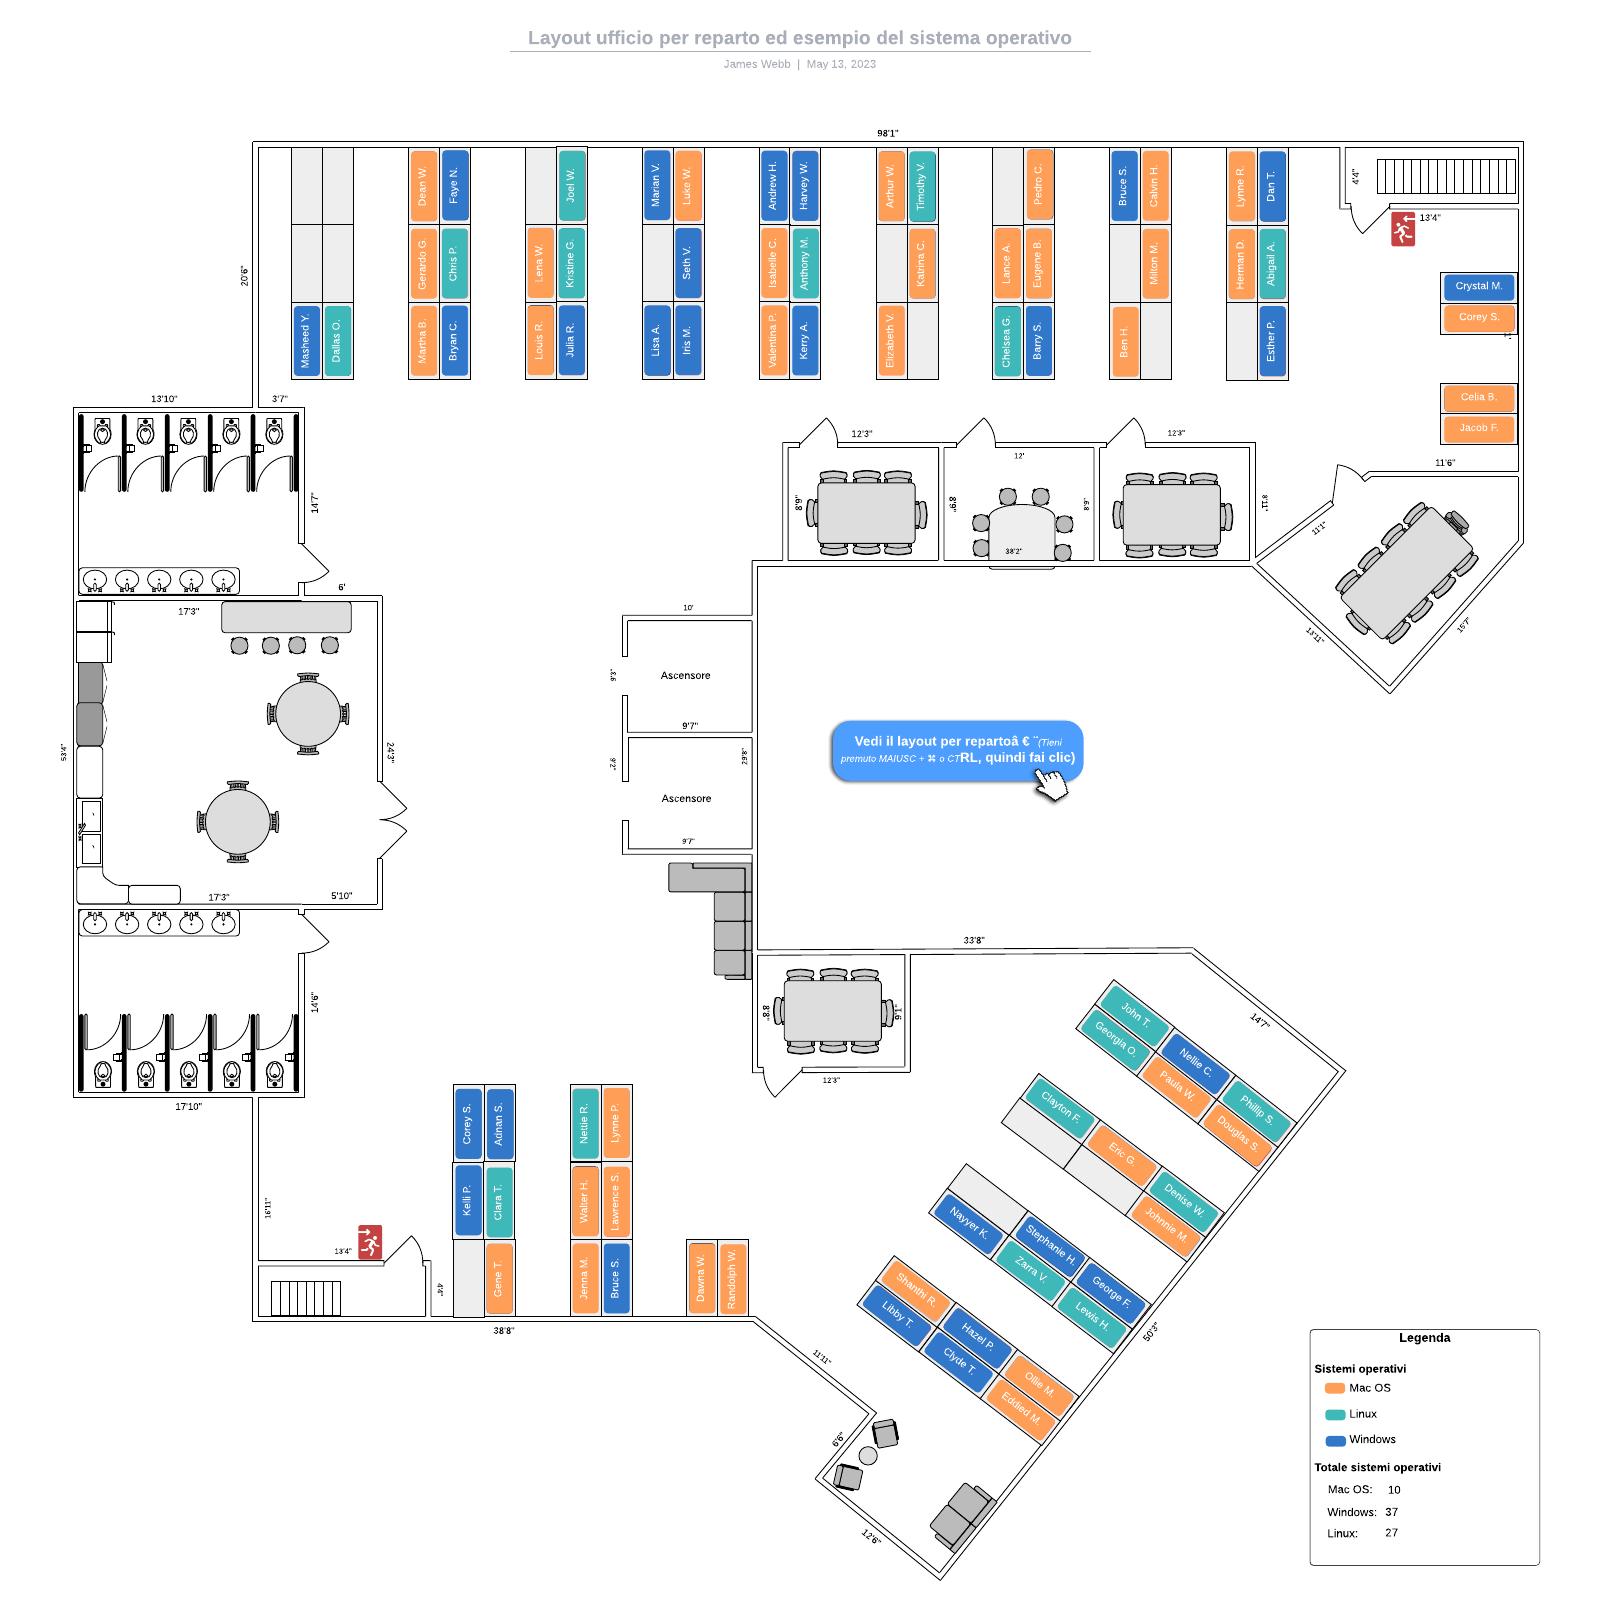 Layout ufficio per reparto ed esempio del sistema operativo